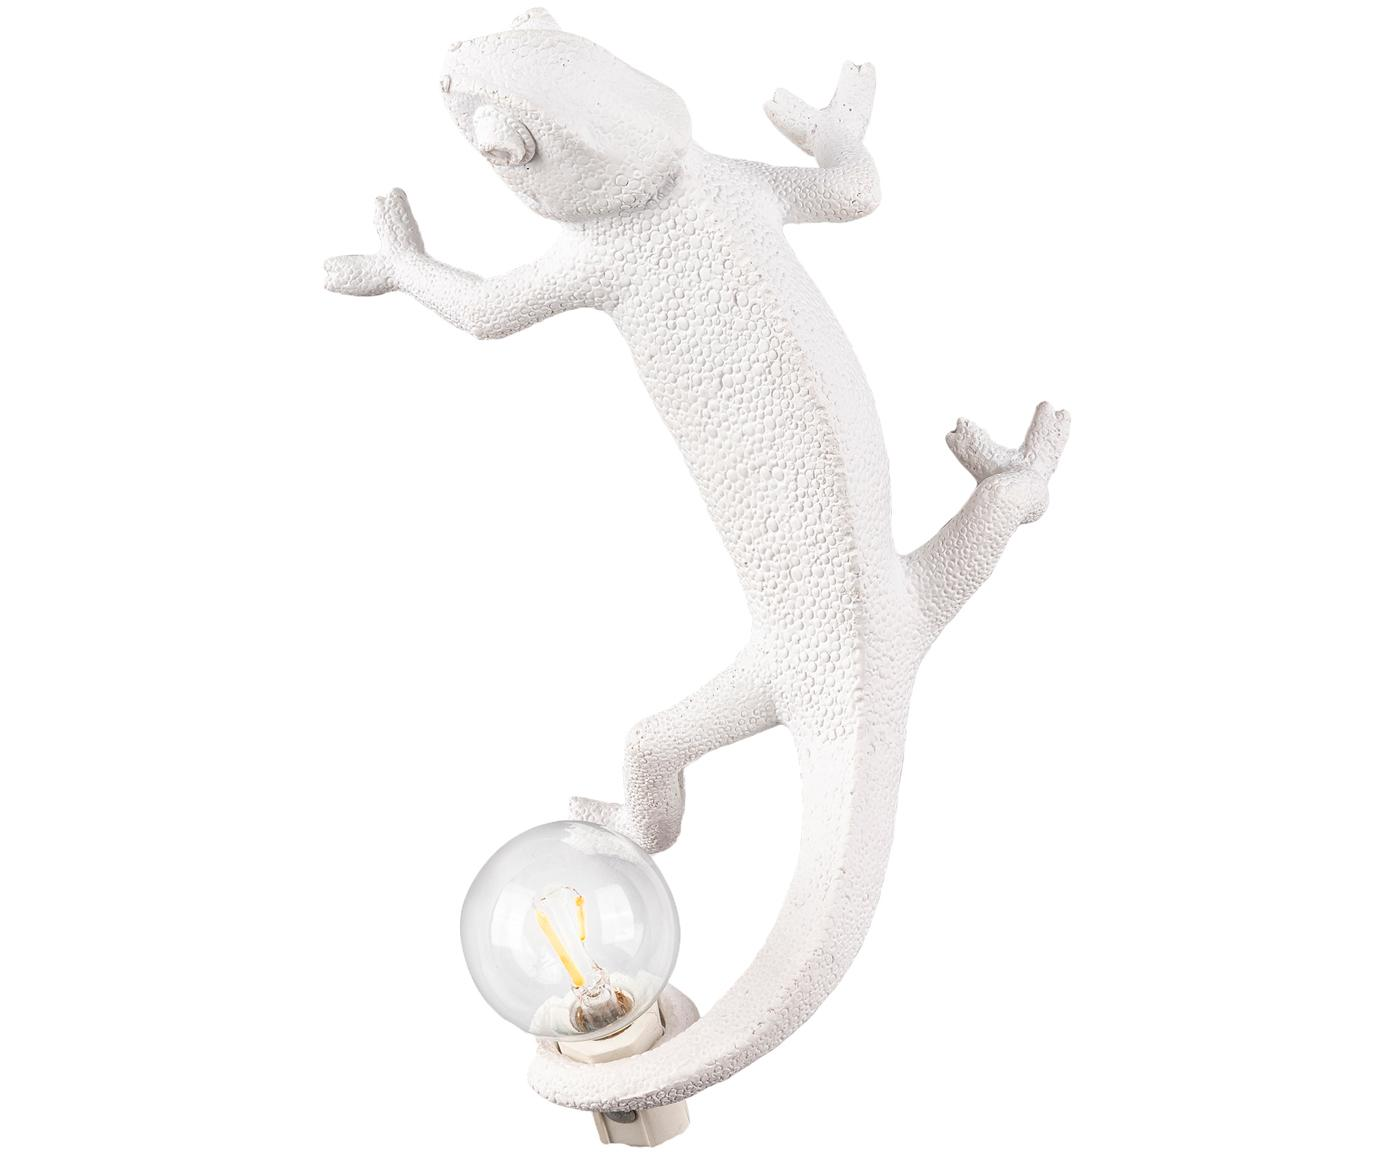 Design Wandleuchte Chameleon mit Stecker, Polyresin, Weiss, 7 x 17 cm